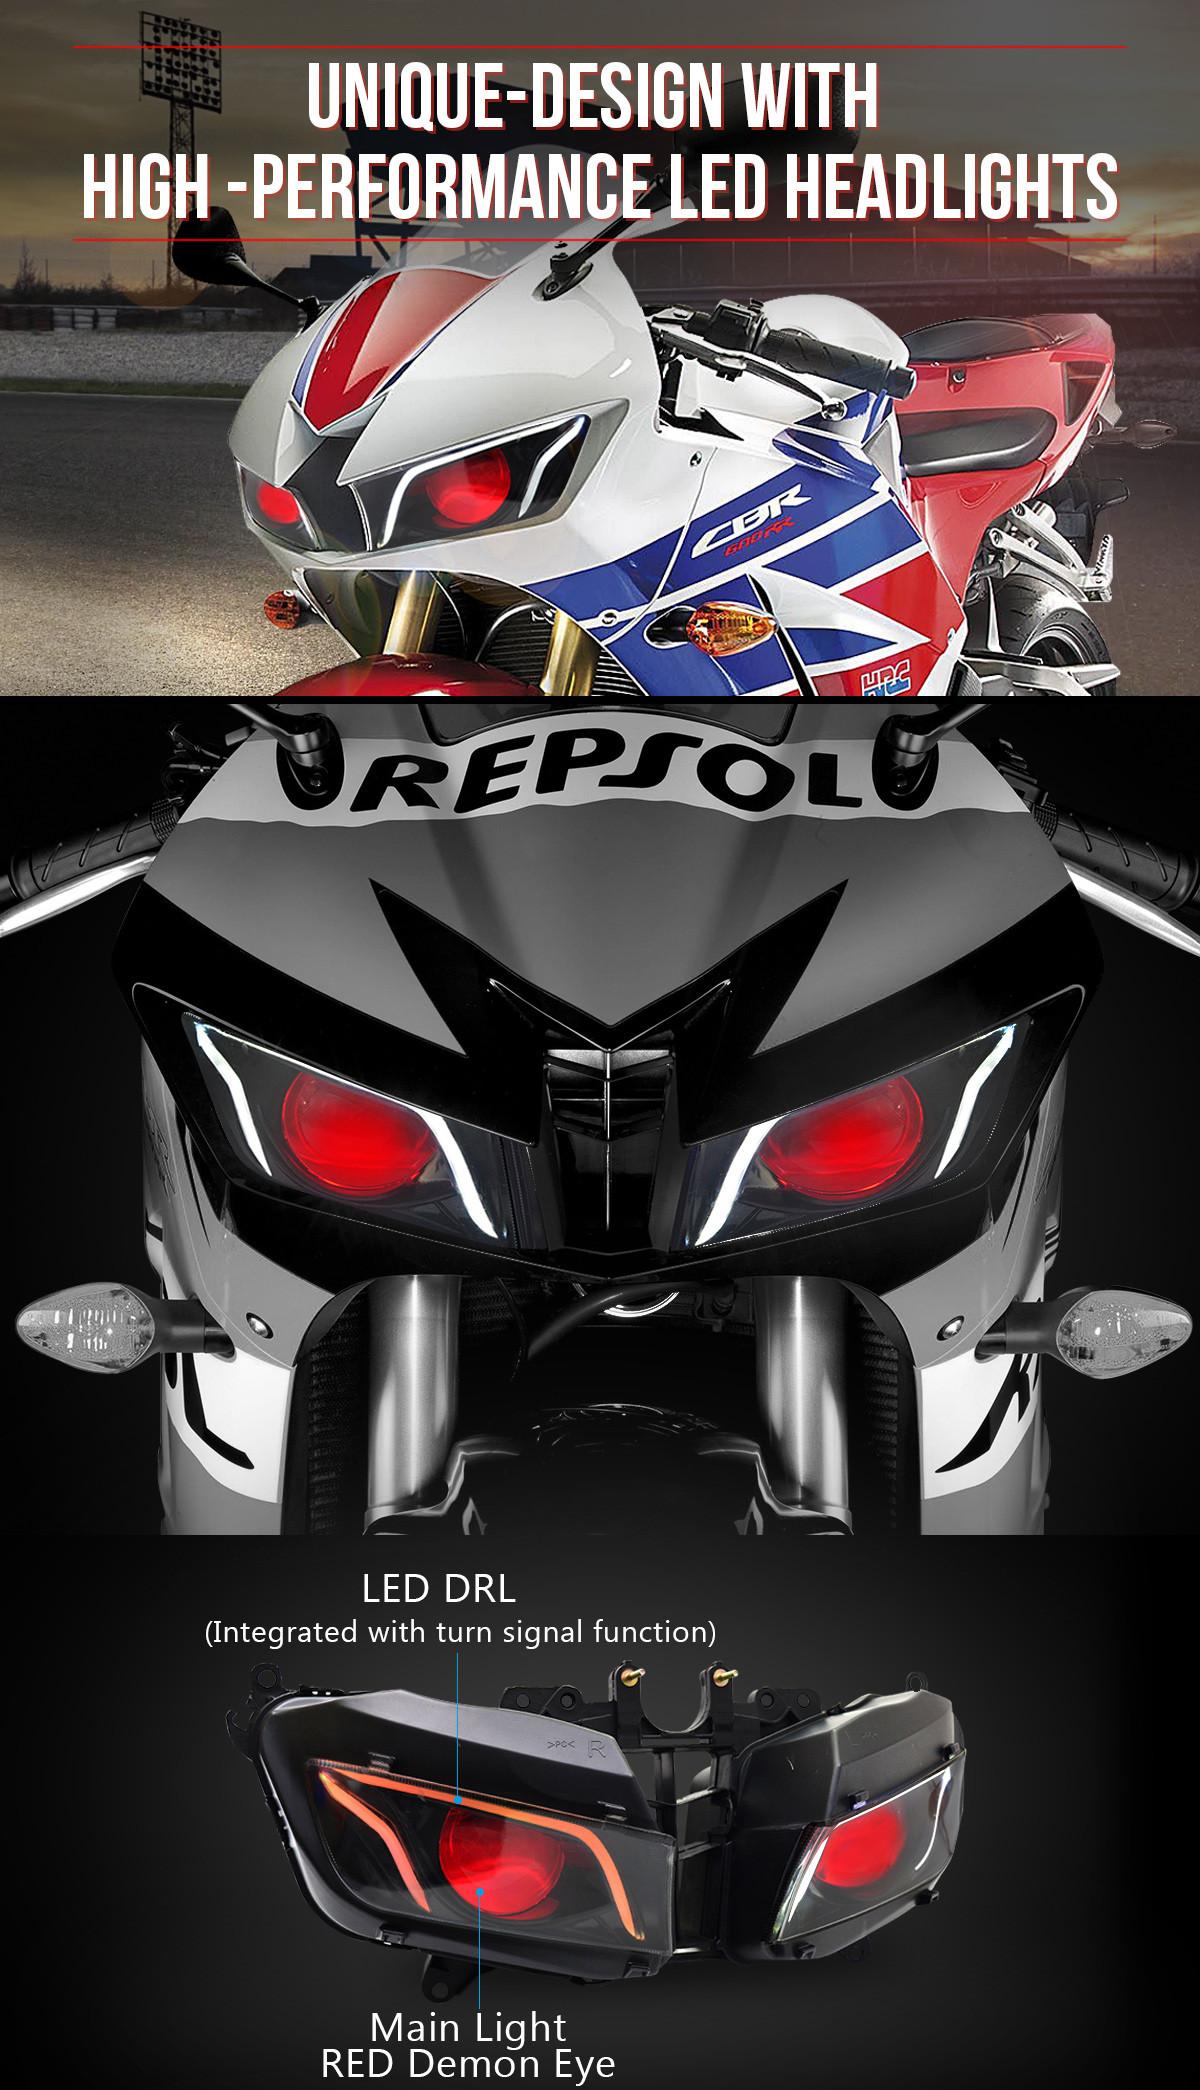 2018 2017 2016 2015 2014 2013 cbr600rr full led headlight